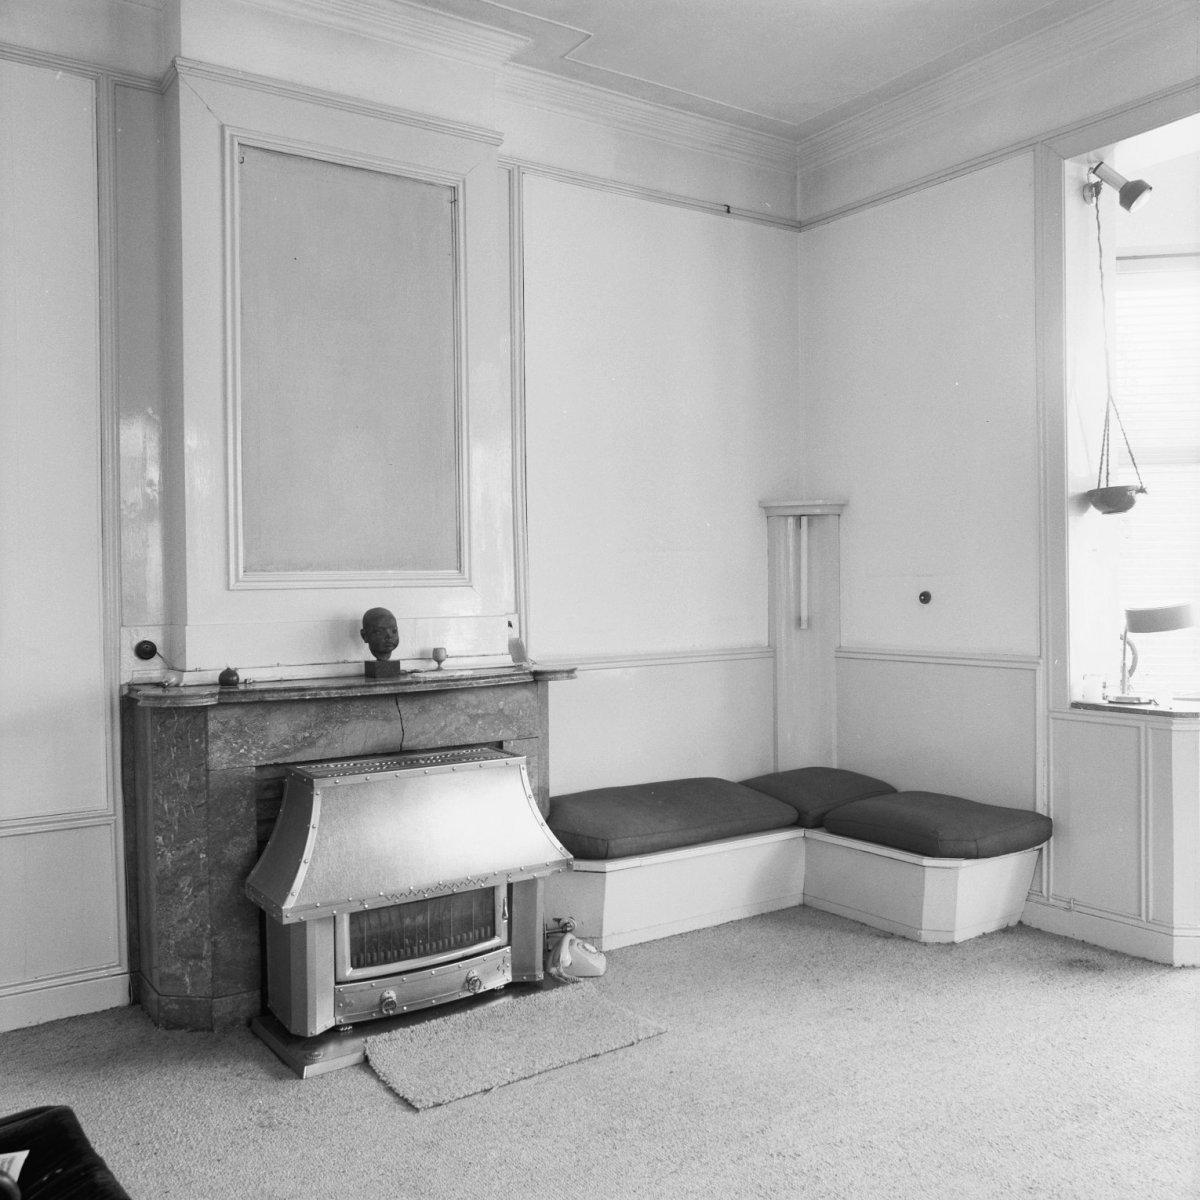 File:Interieur, woonkamer met schouw met kachel ervoor, en een ...